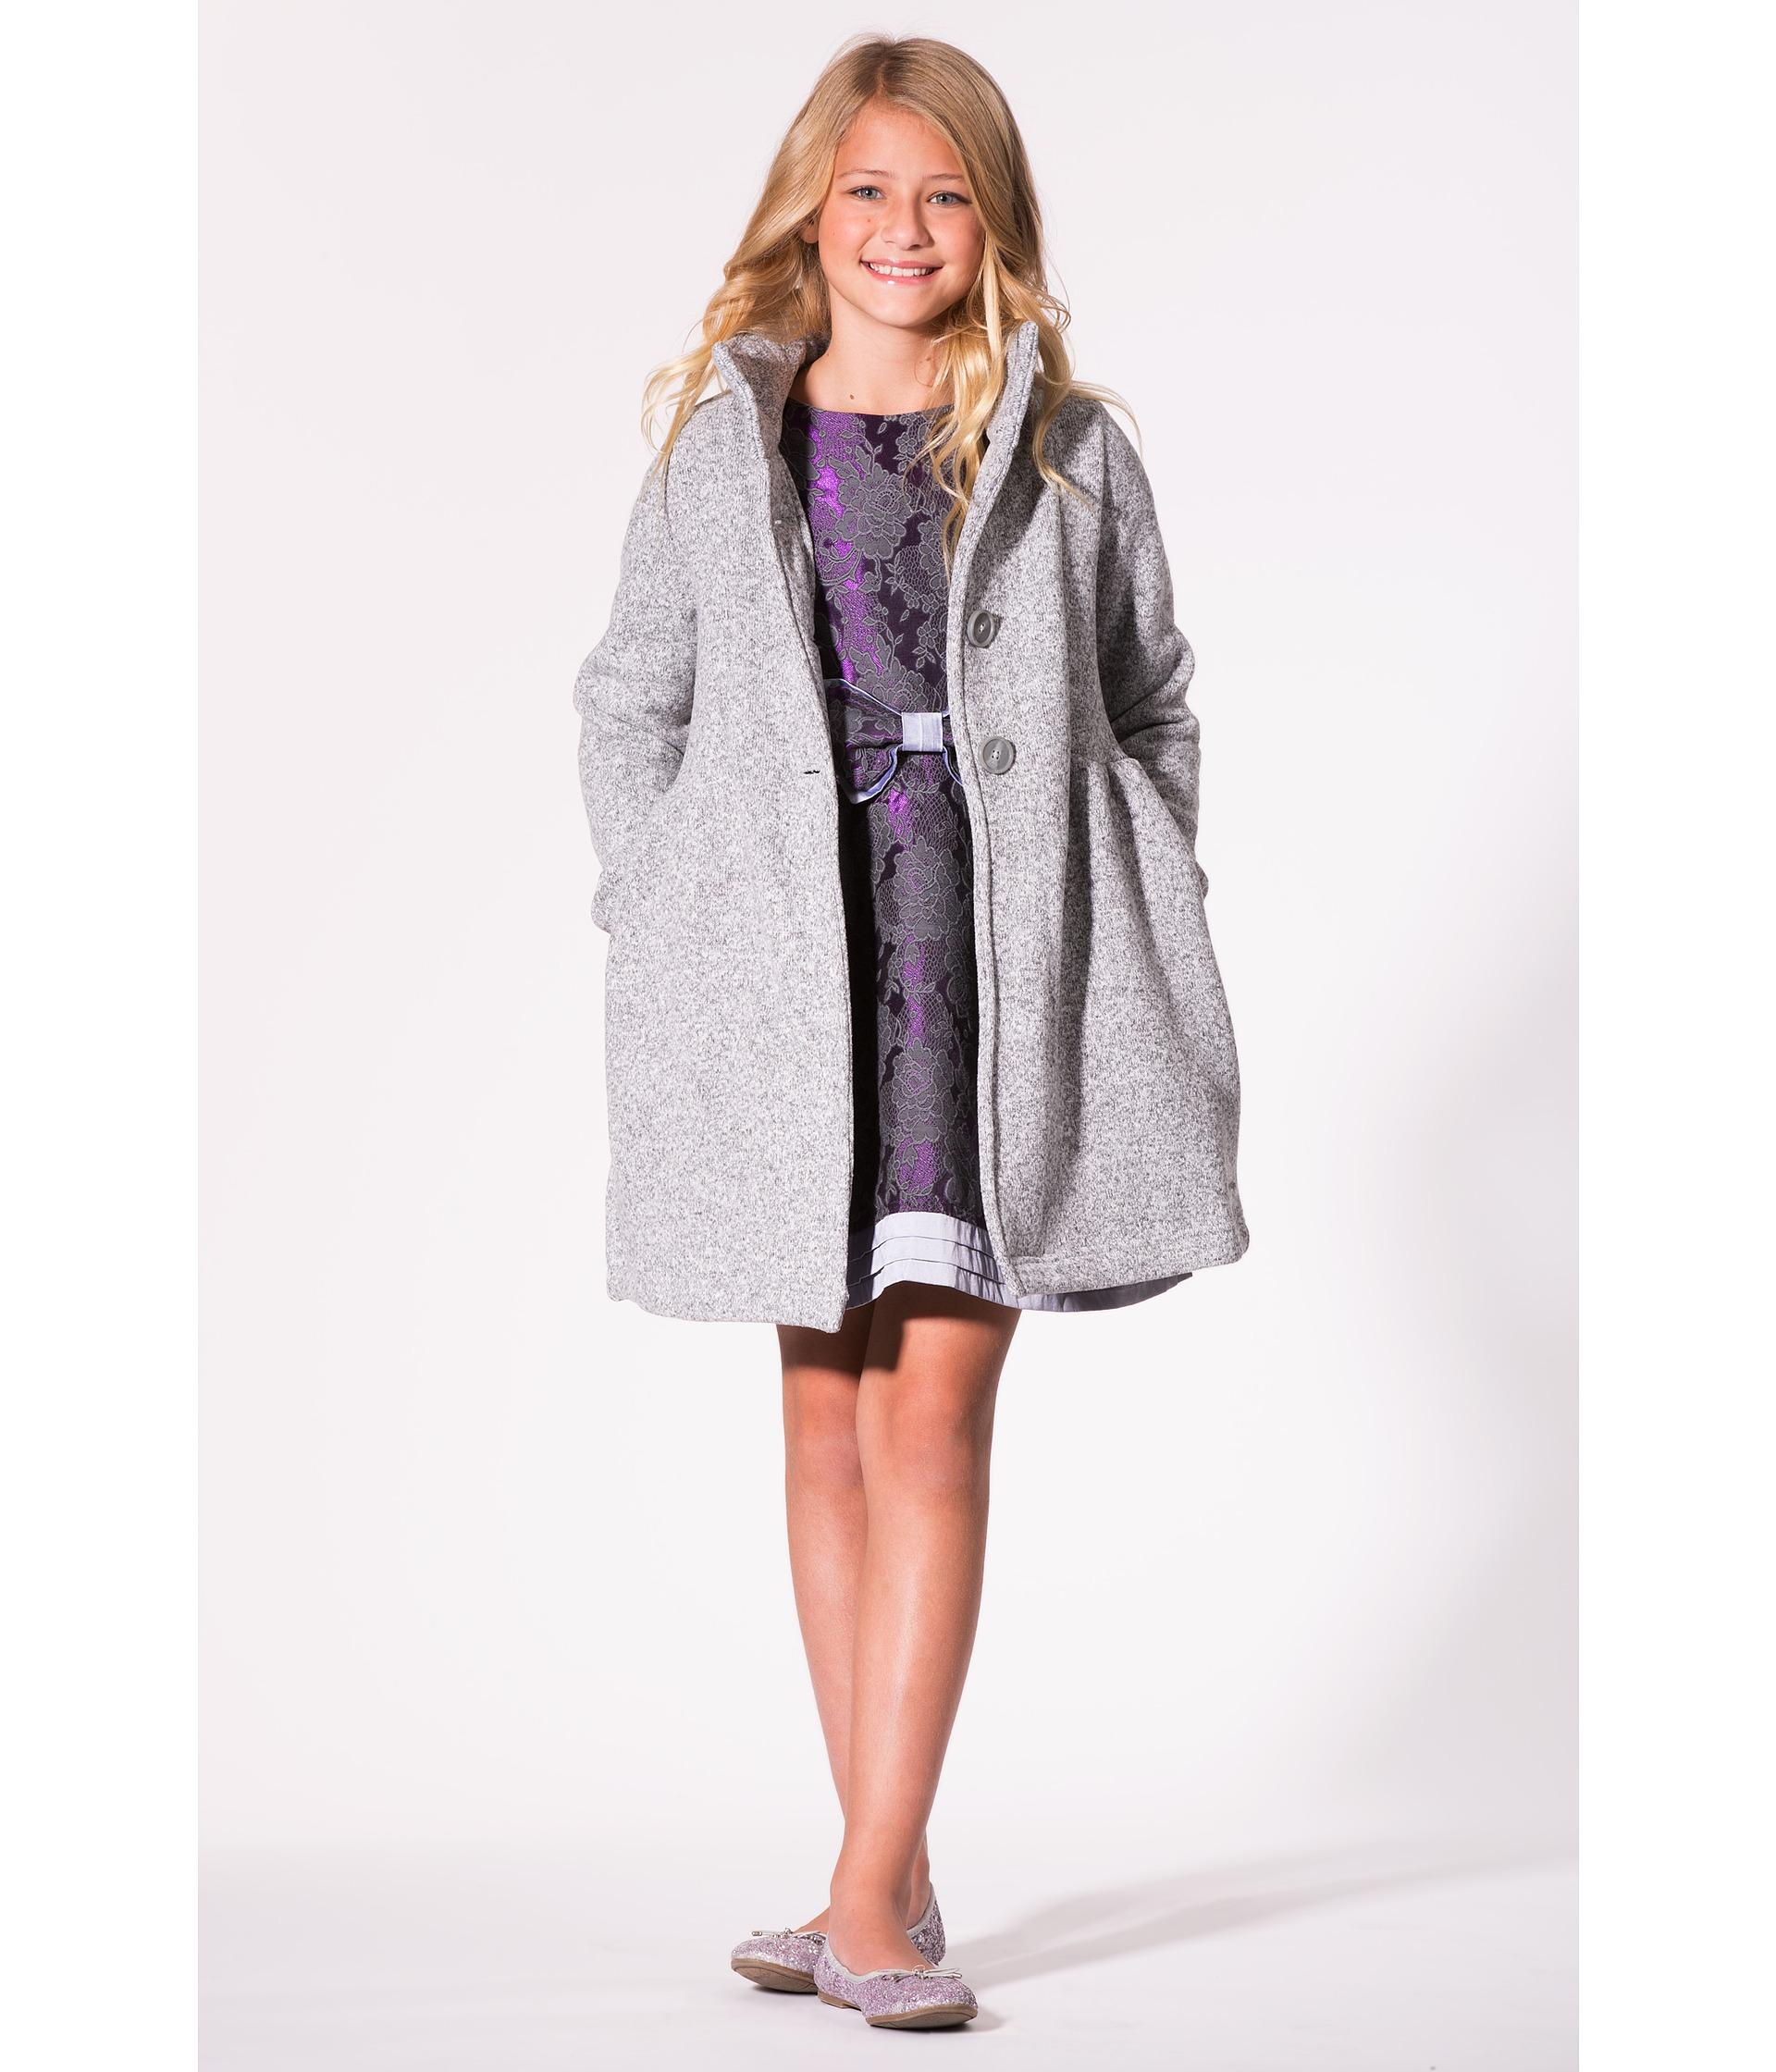 84392088bfe Girls Sweater Coat - Sm Coats